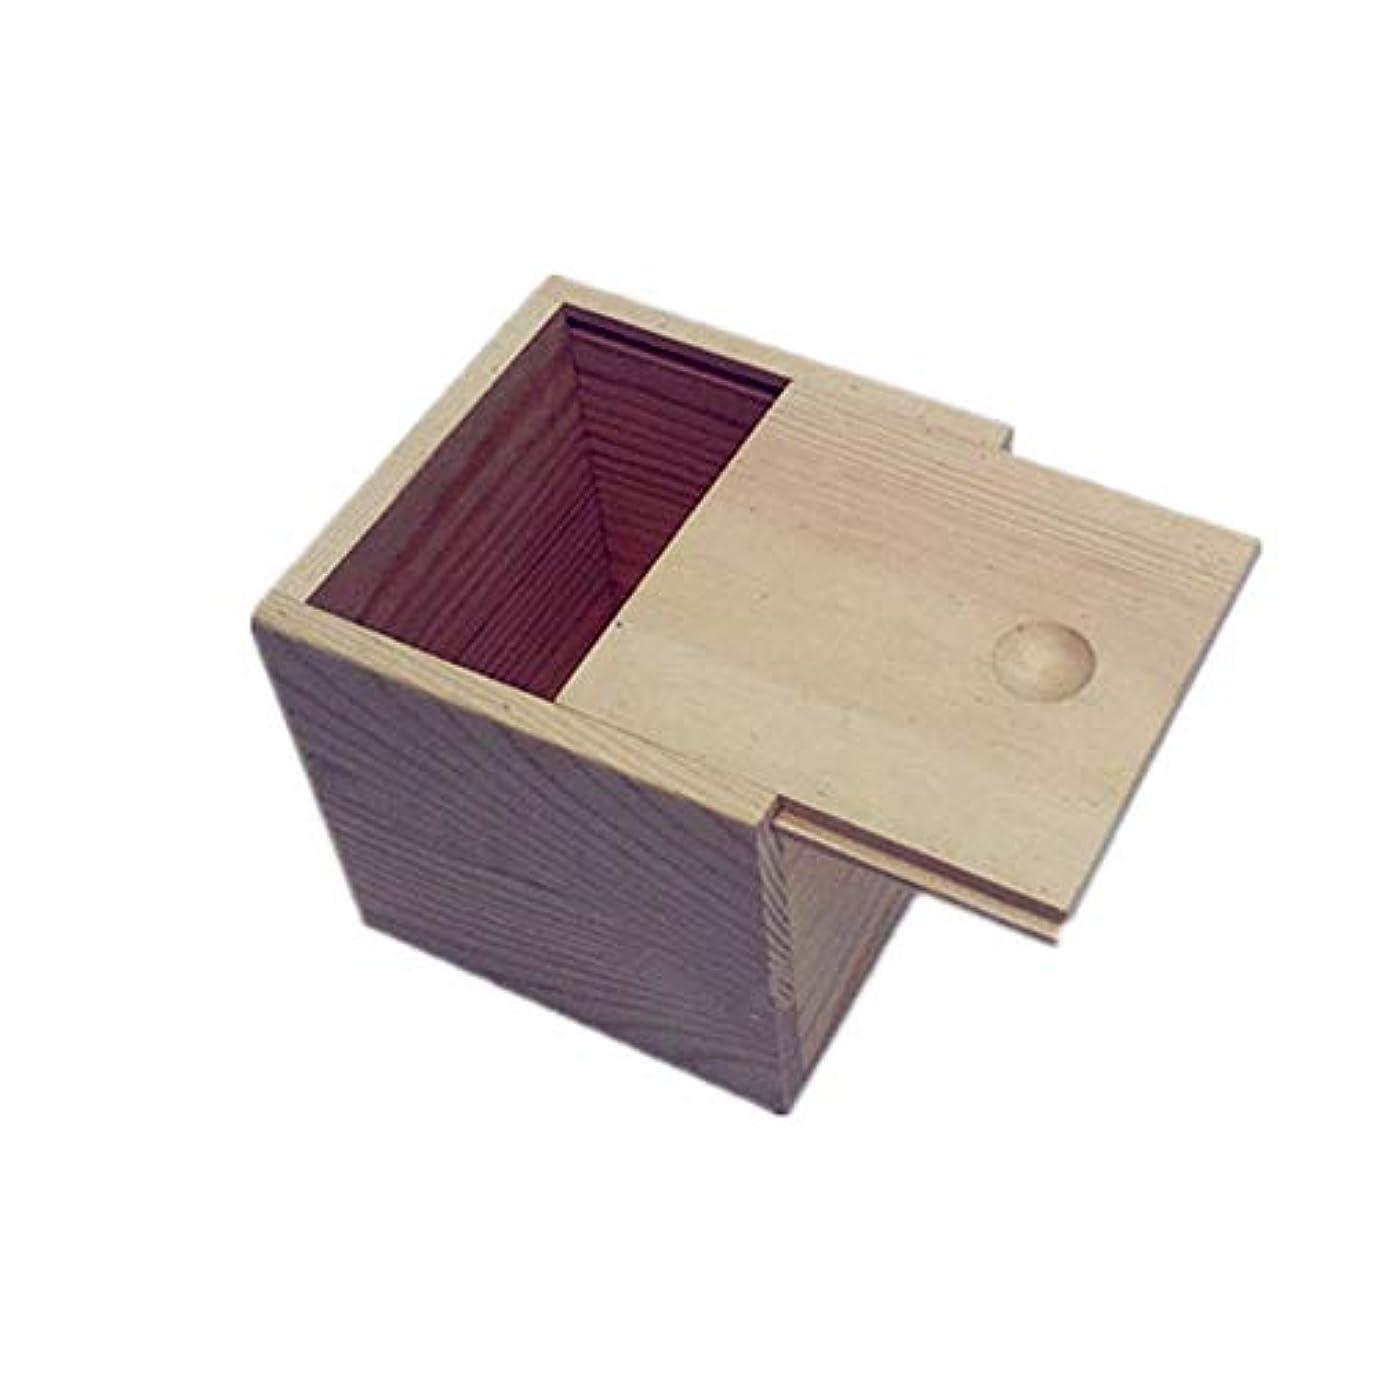 通知後継口述エッセンシャルオイルストレージボックス 木製のエッセンシャルオイルストレージボックス安全なスペースセーバーあなたの油を維持するためのベスト 旅行およびプレゼンテーション用 (色 : Natural, サイズ : 9X9X5CM)